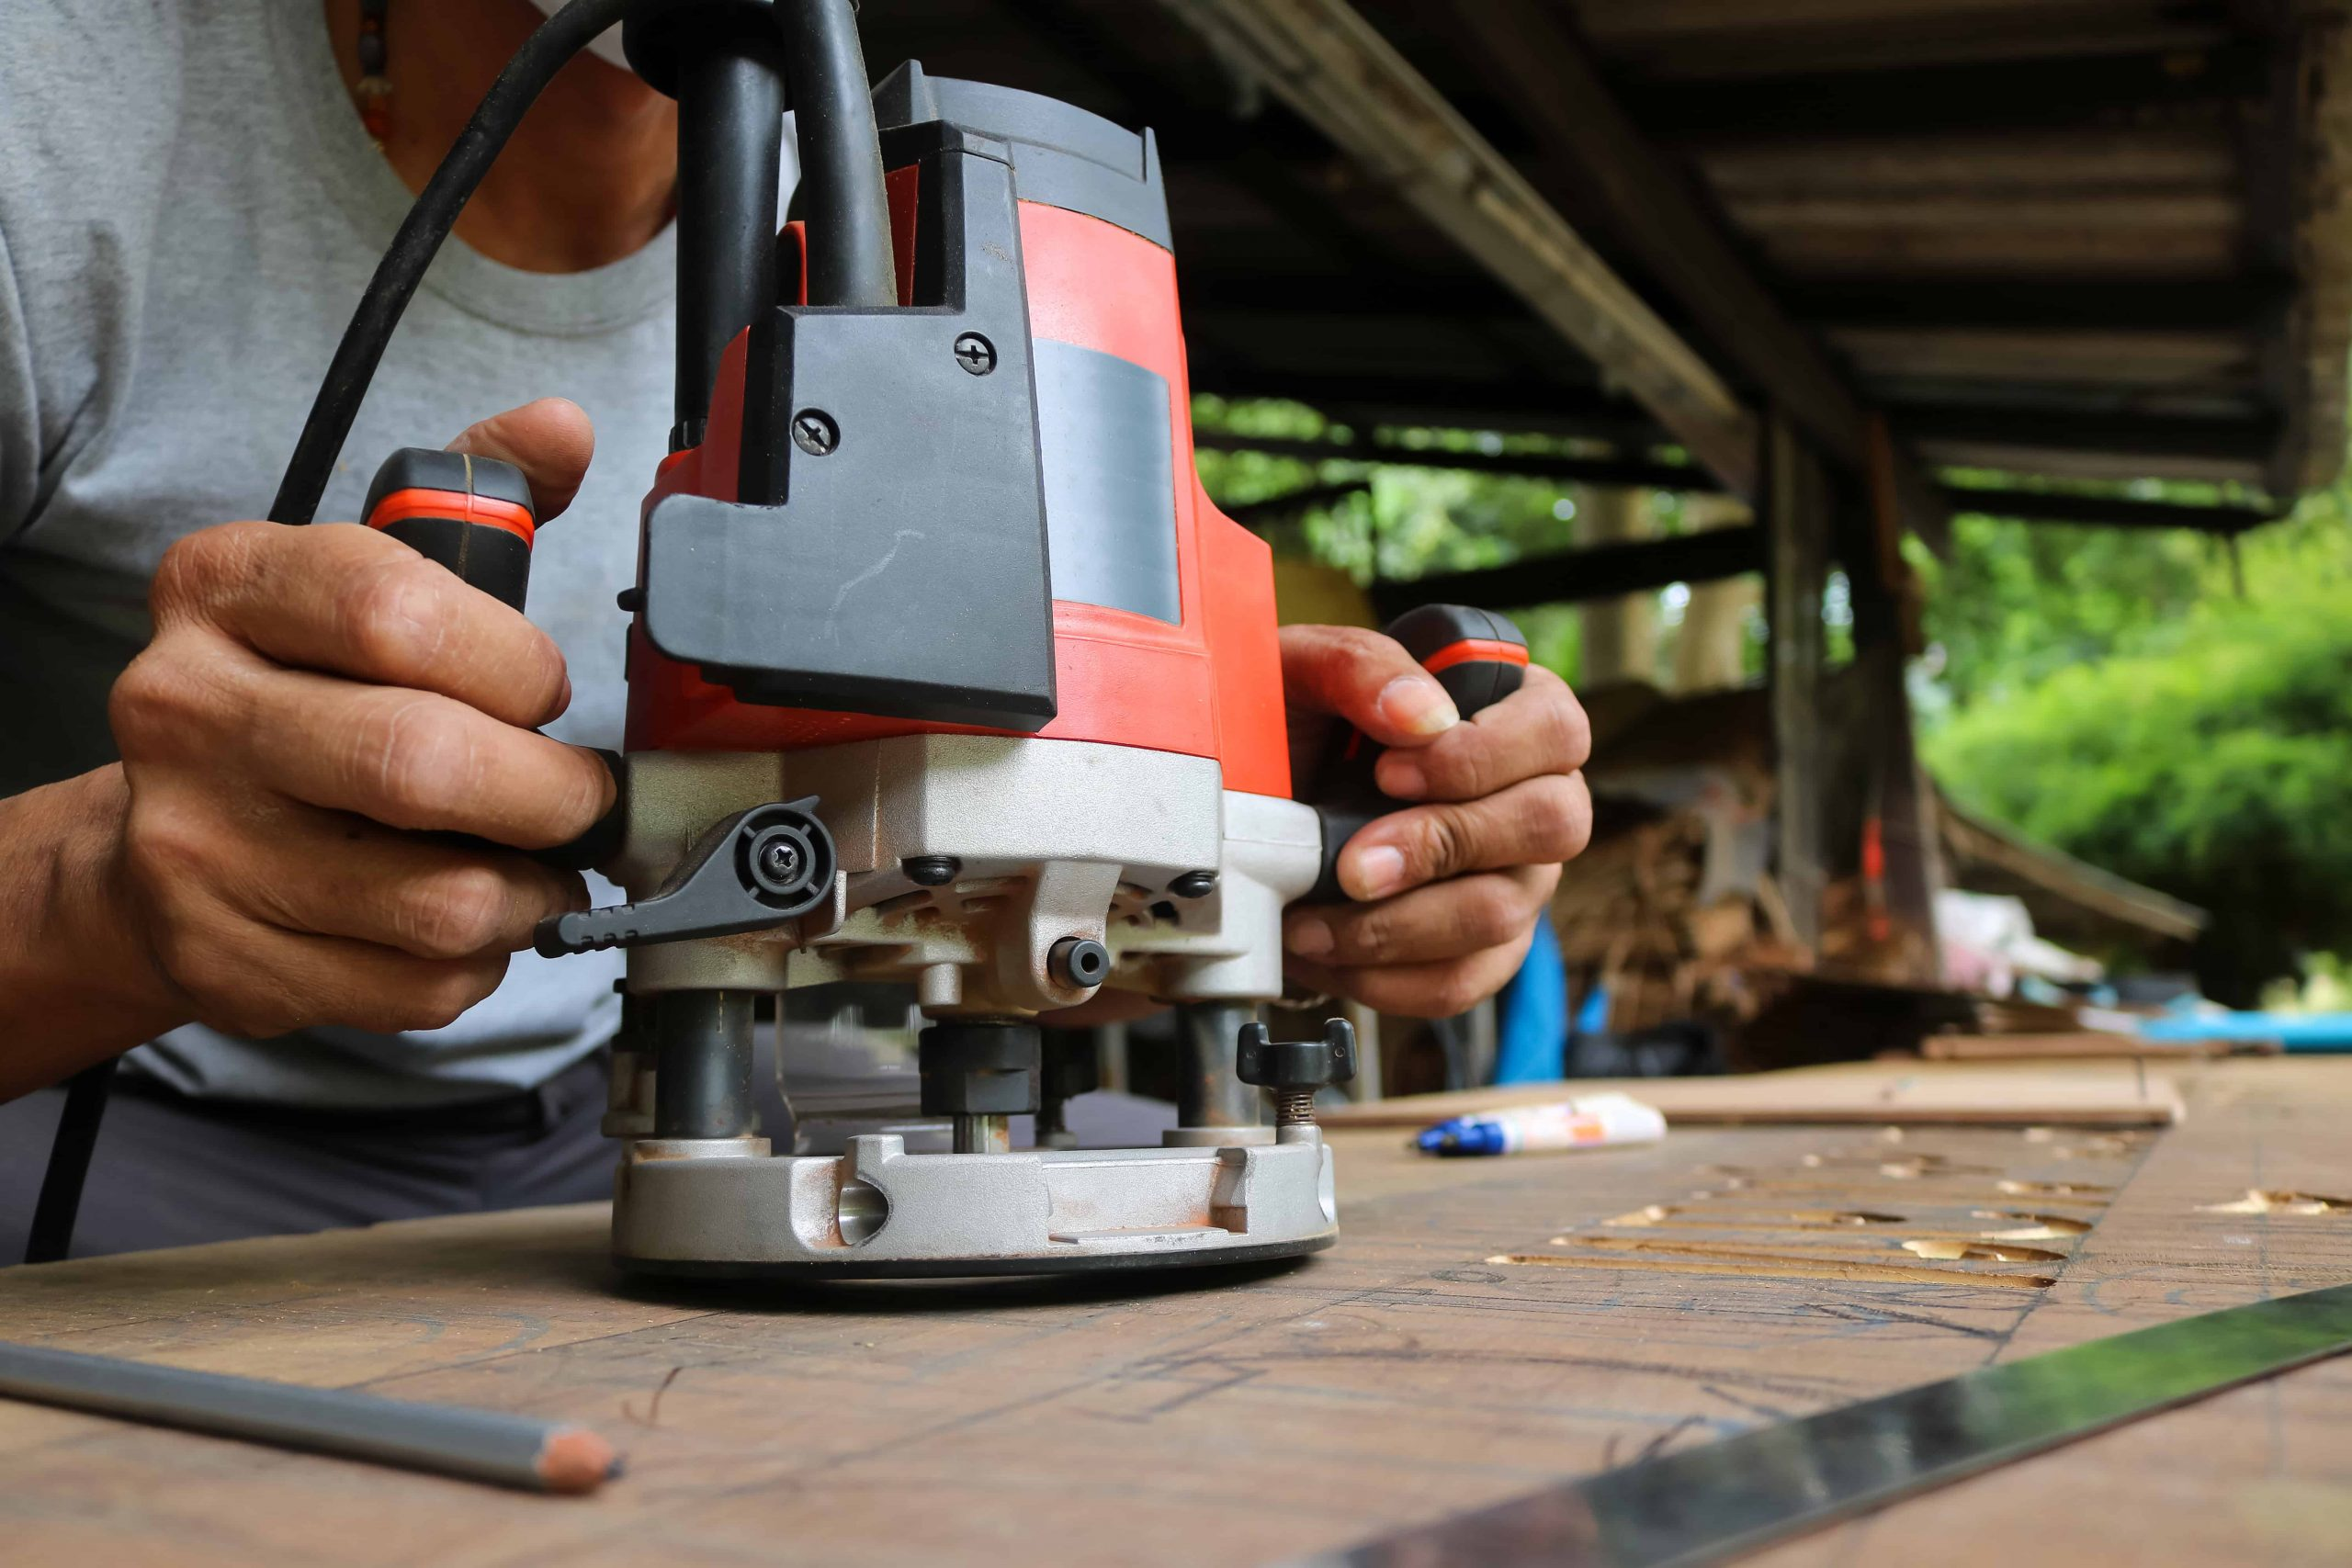 Miglior fresatrice per legno 2020: Guida all'acquisto